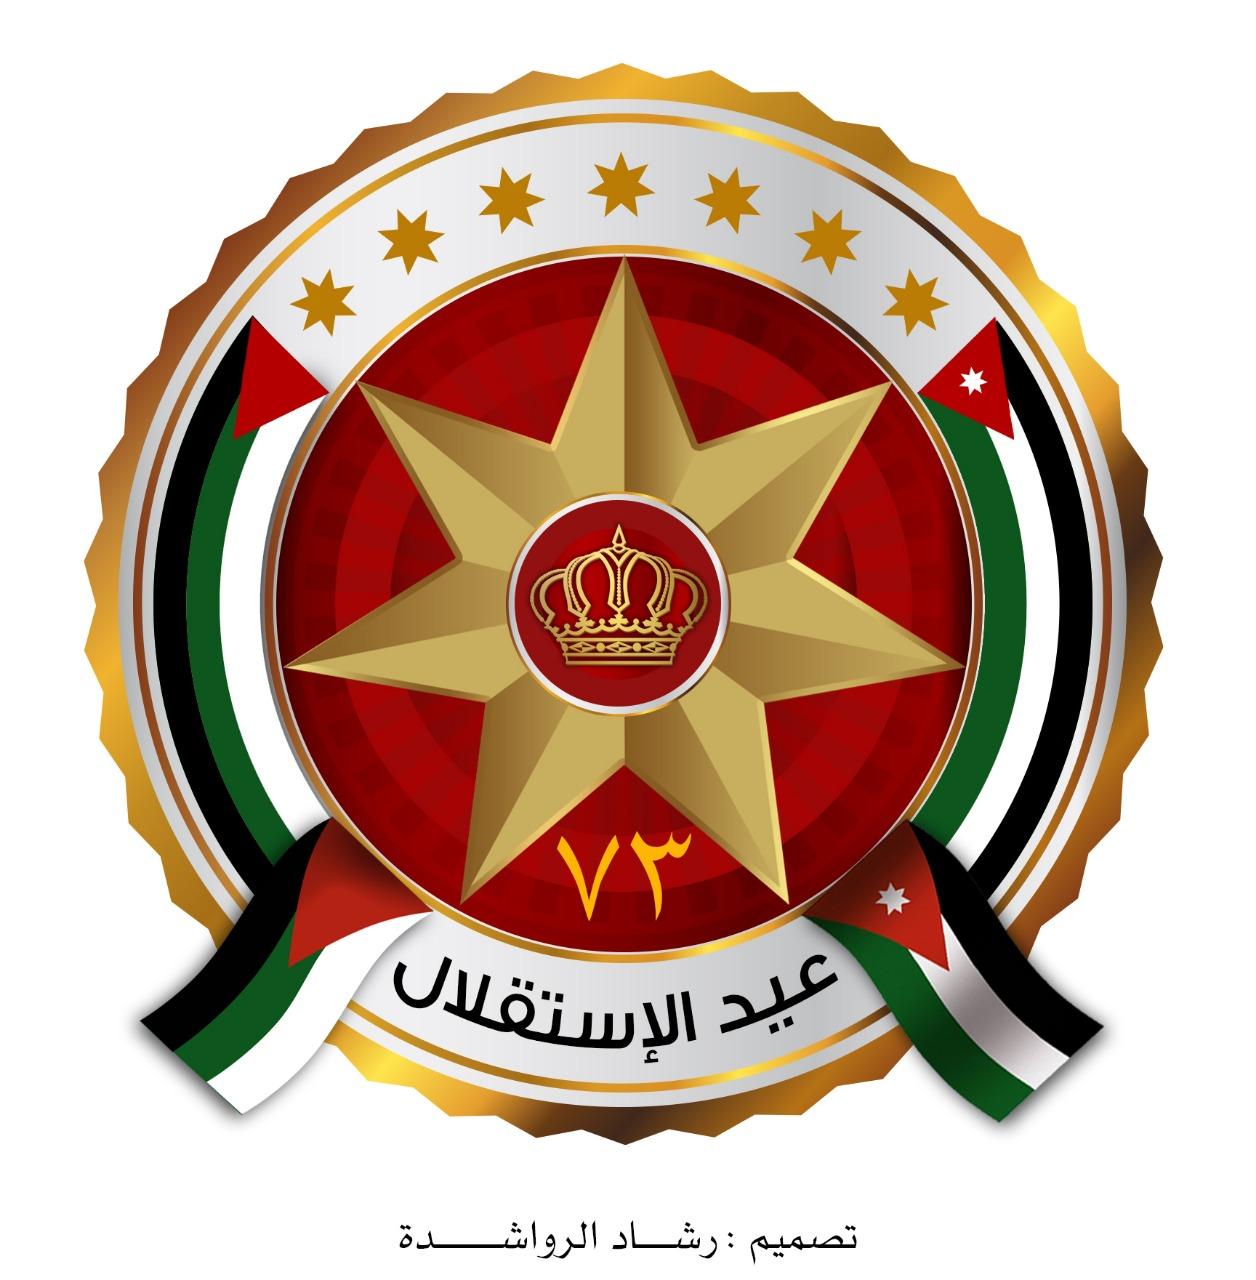 الرواشدة يطلق شعار عيد الاستقلال الـ 73